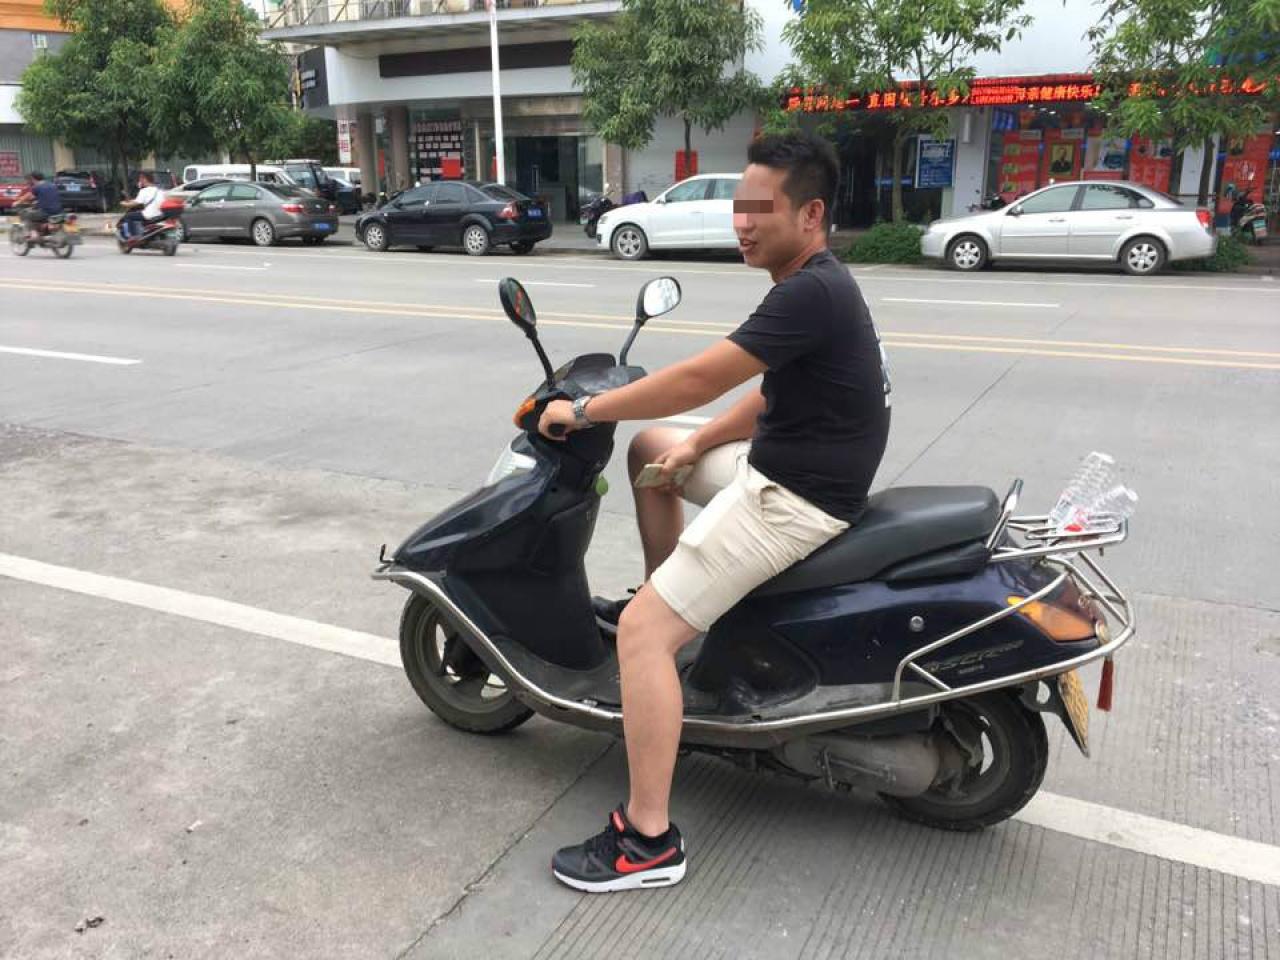 2017年玉林狗肉節前夕,騎車便衣人員態度從容,甚至能讓記者擺拍。(李俊杰攝)